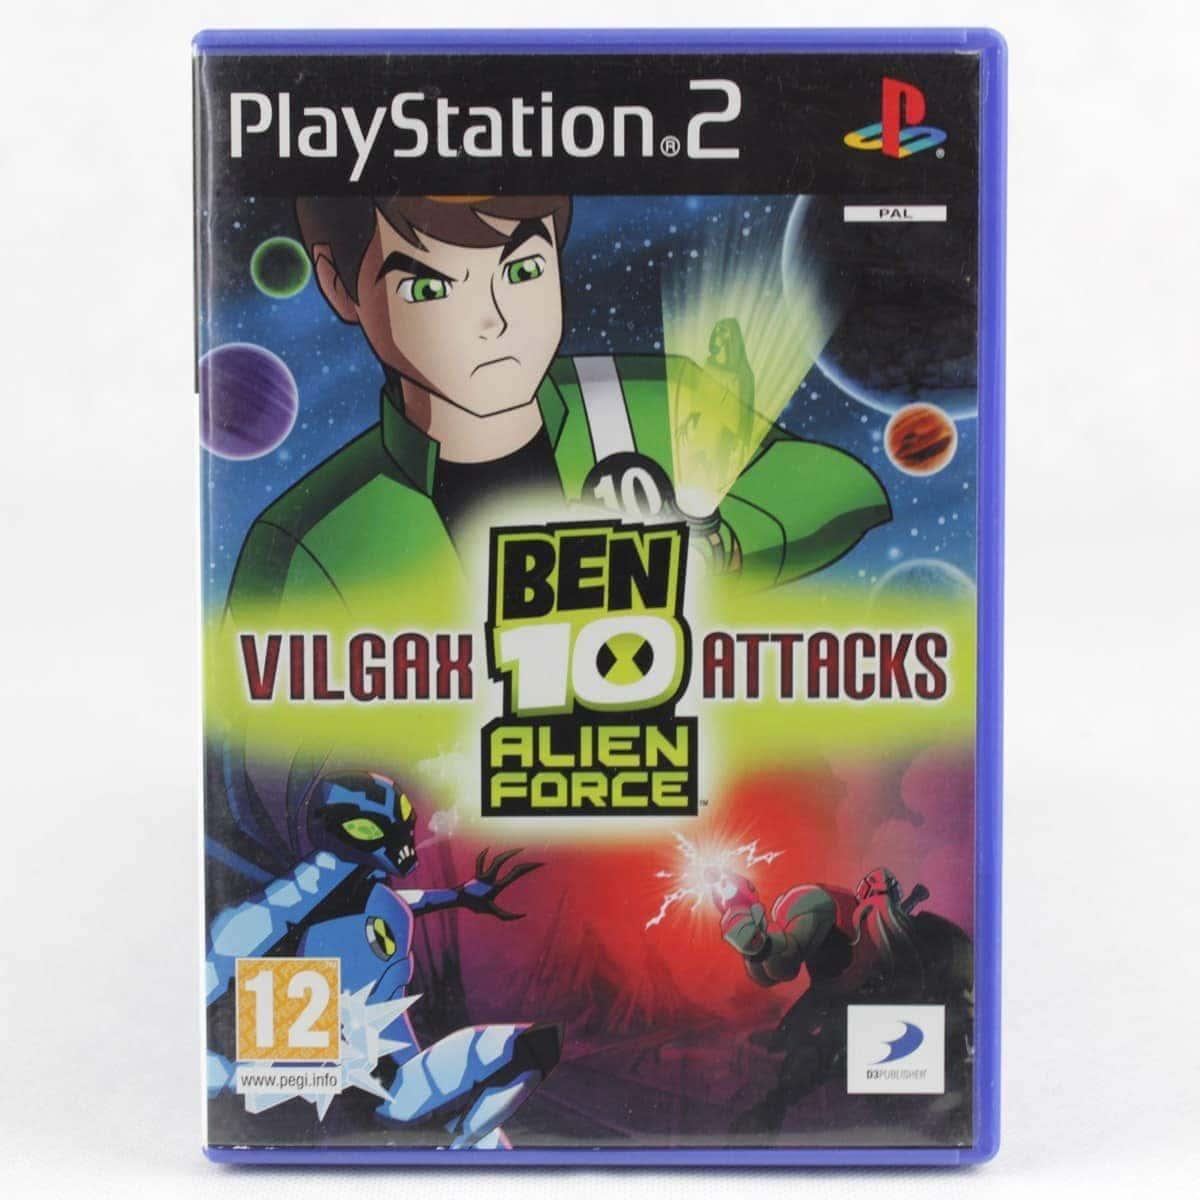 Ben 10: Alien Force - Vilgax Attacks (PS2)